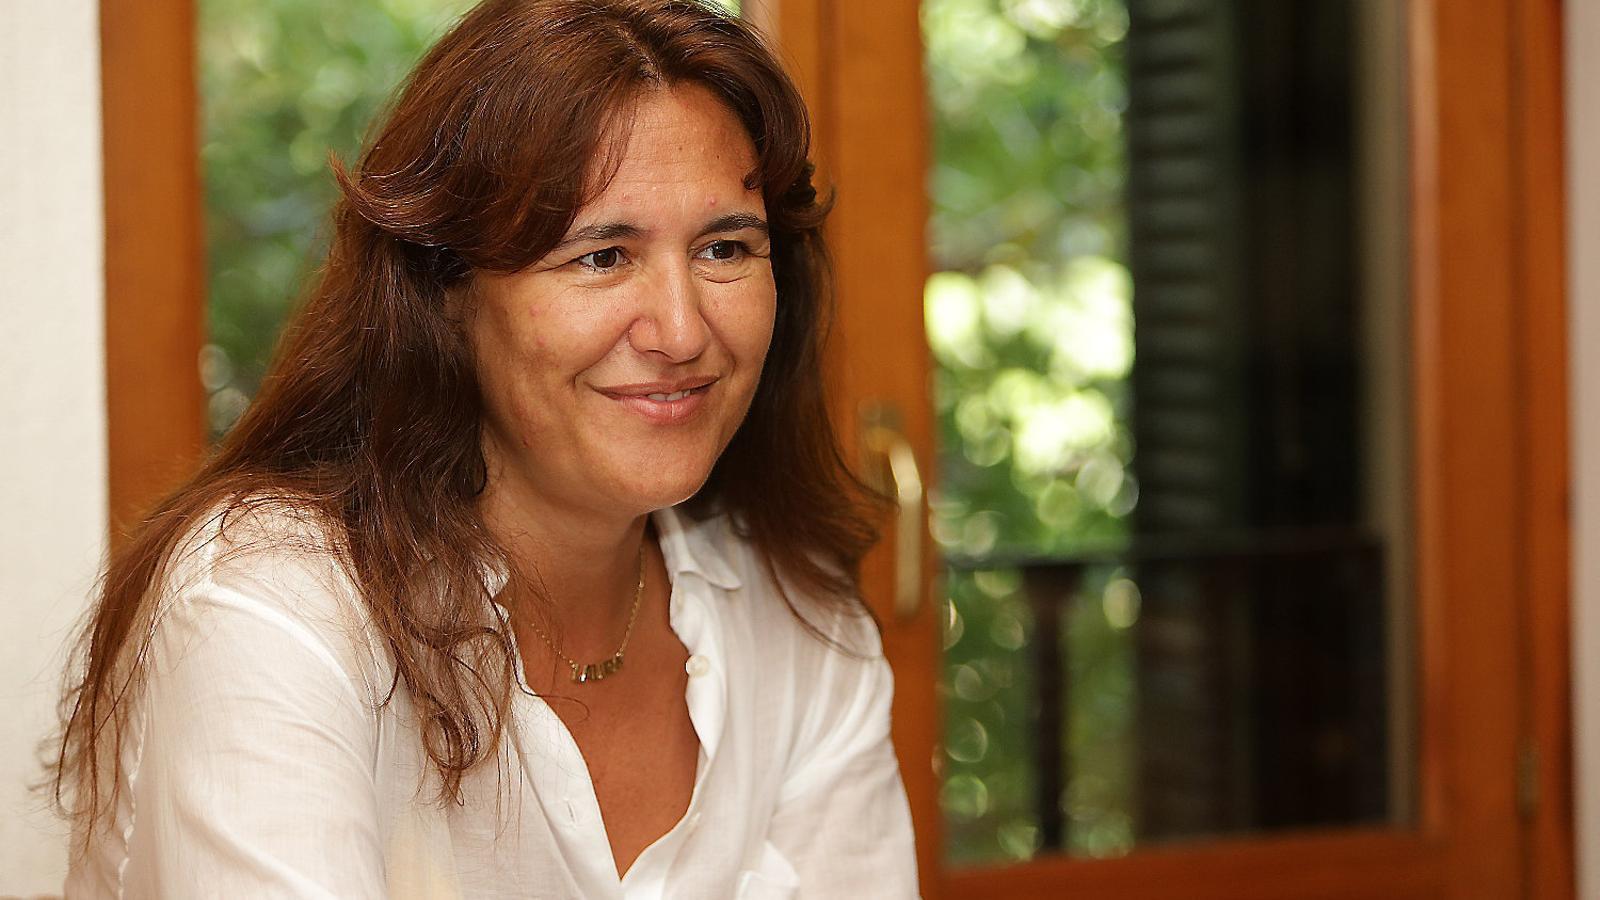 """Laura Borràs: """"Els que volen la nostra cultura fragmentada és que no la volen"""""""